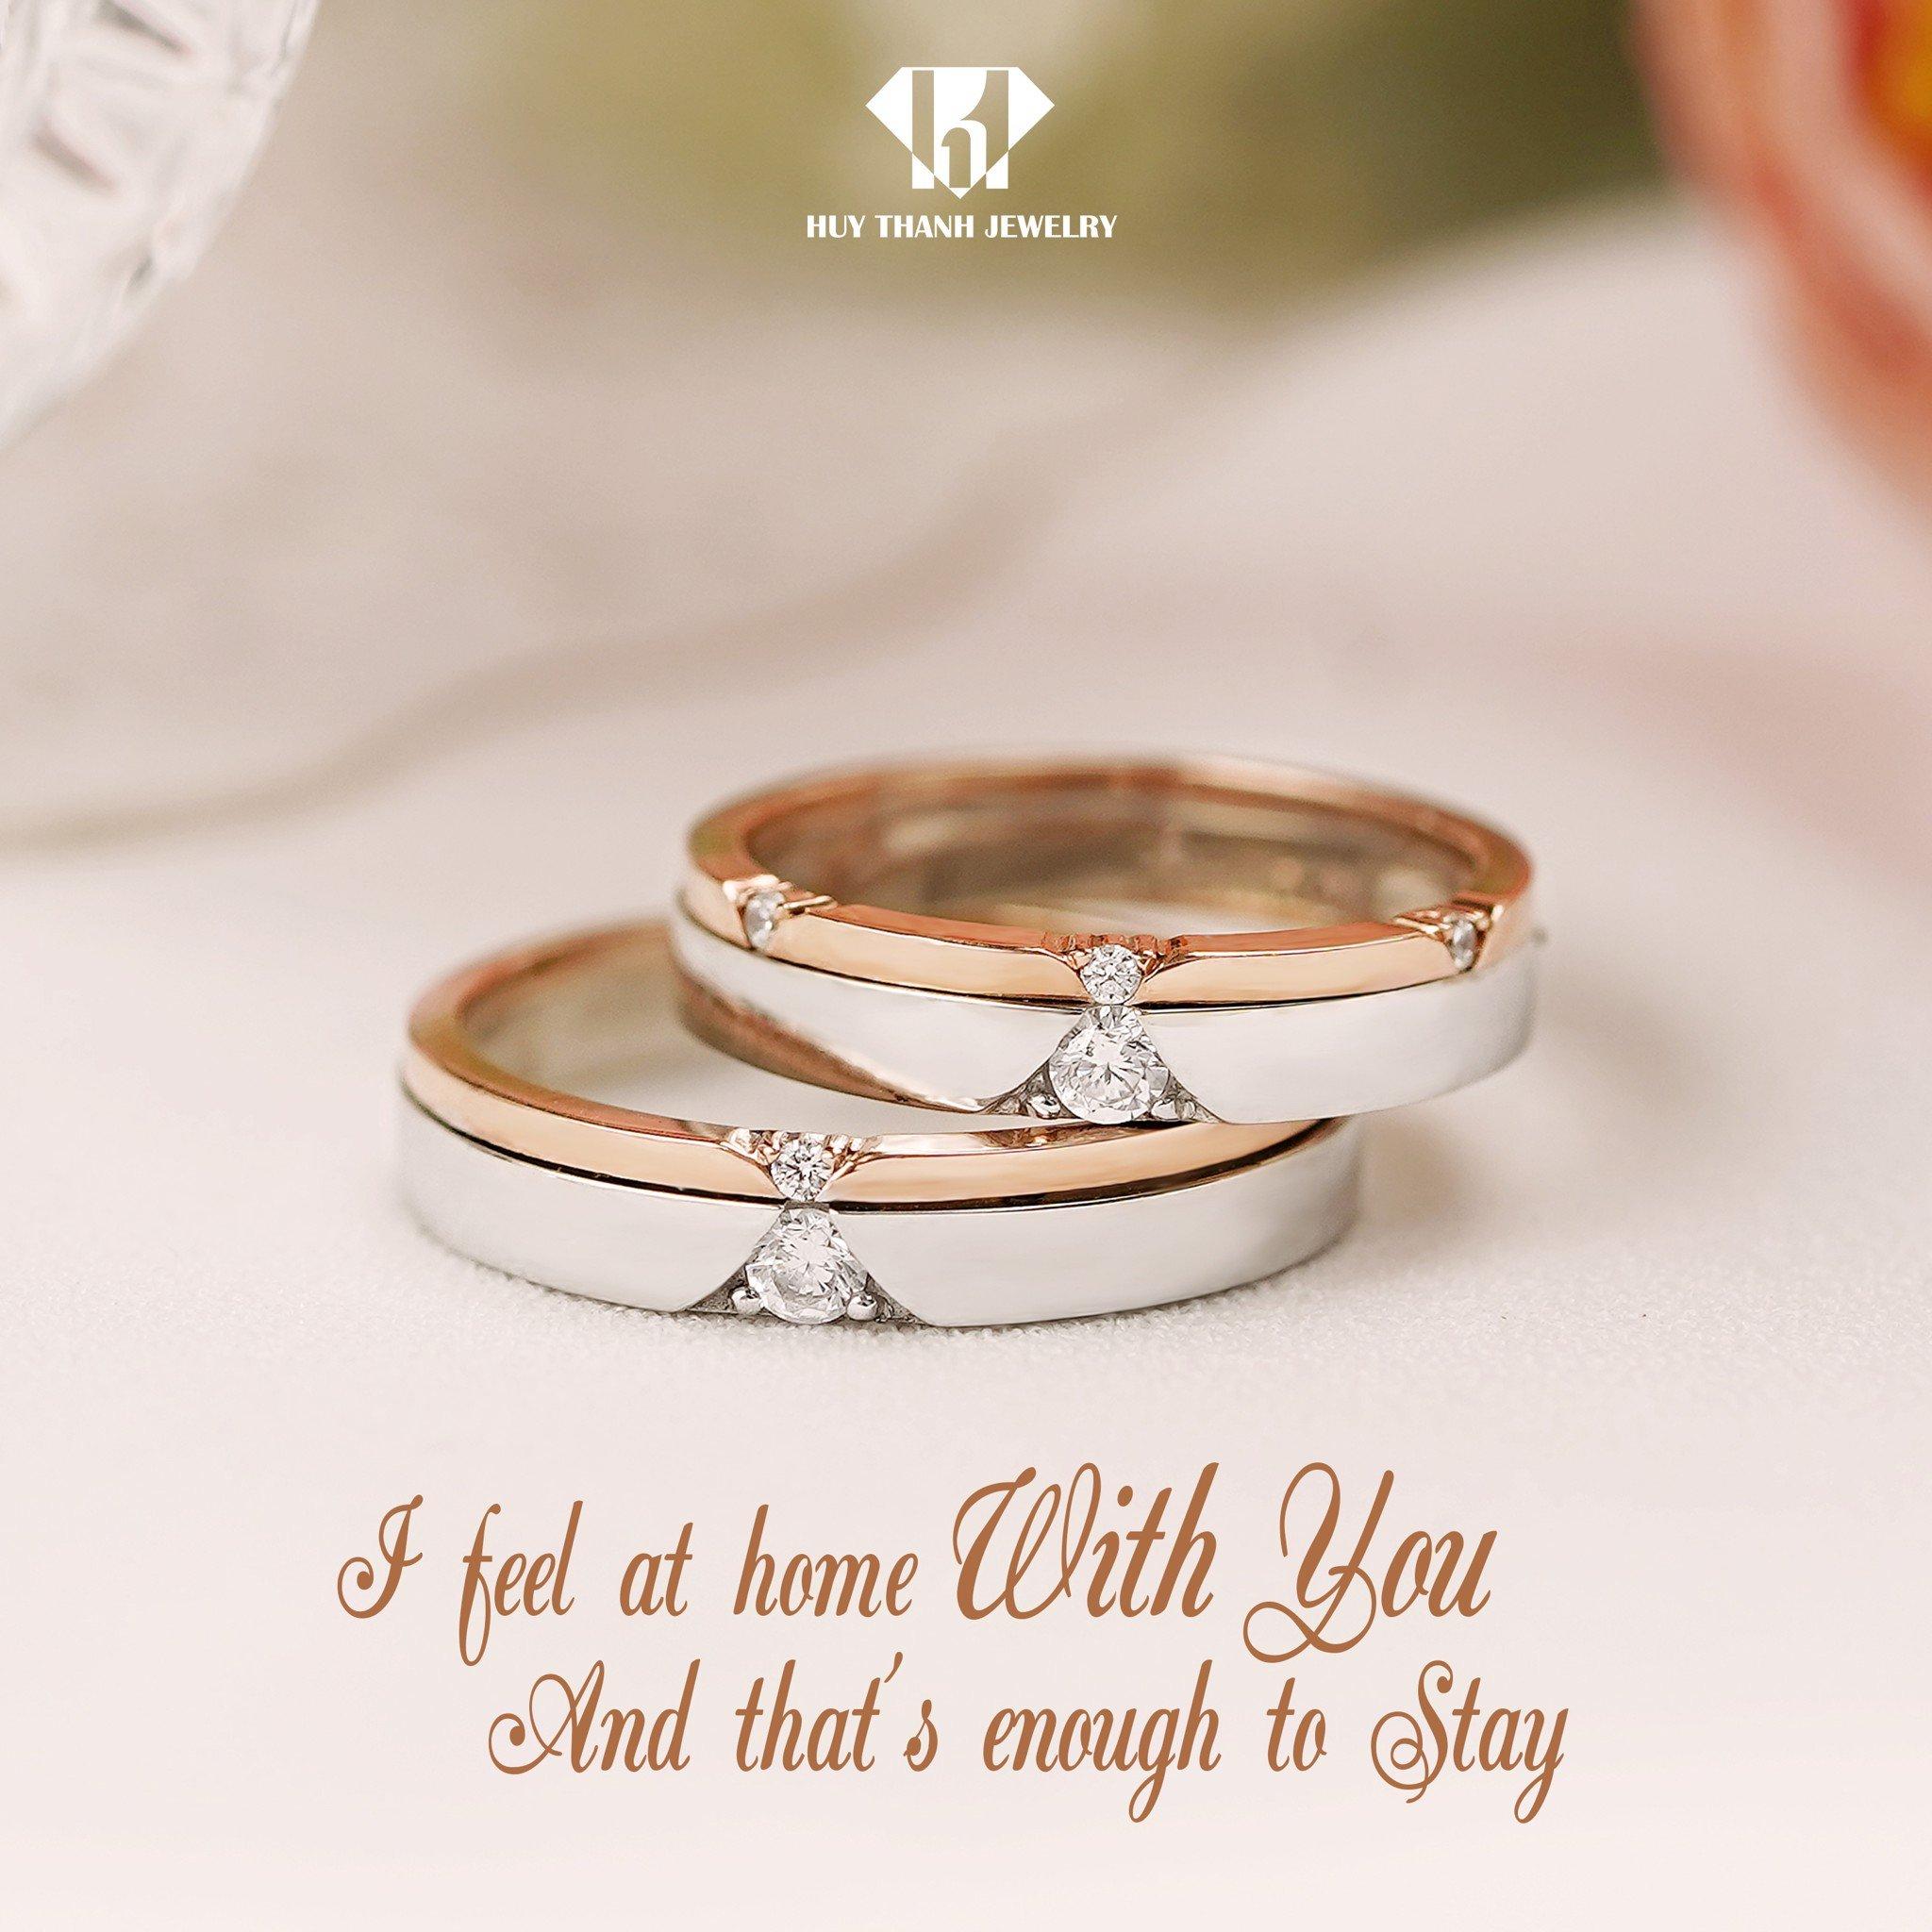 Nhẫn cưới khắc tên theo yêu cầu, đẹp và độc đáo